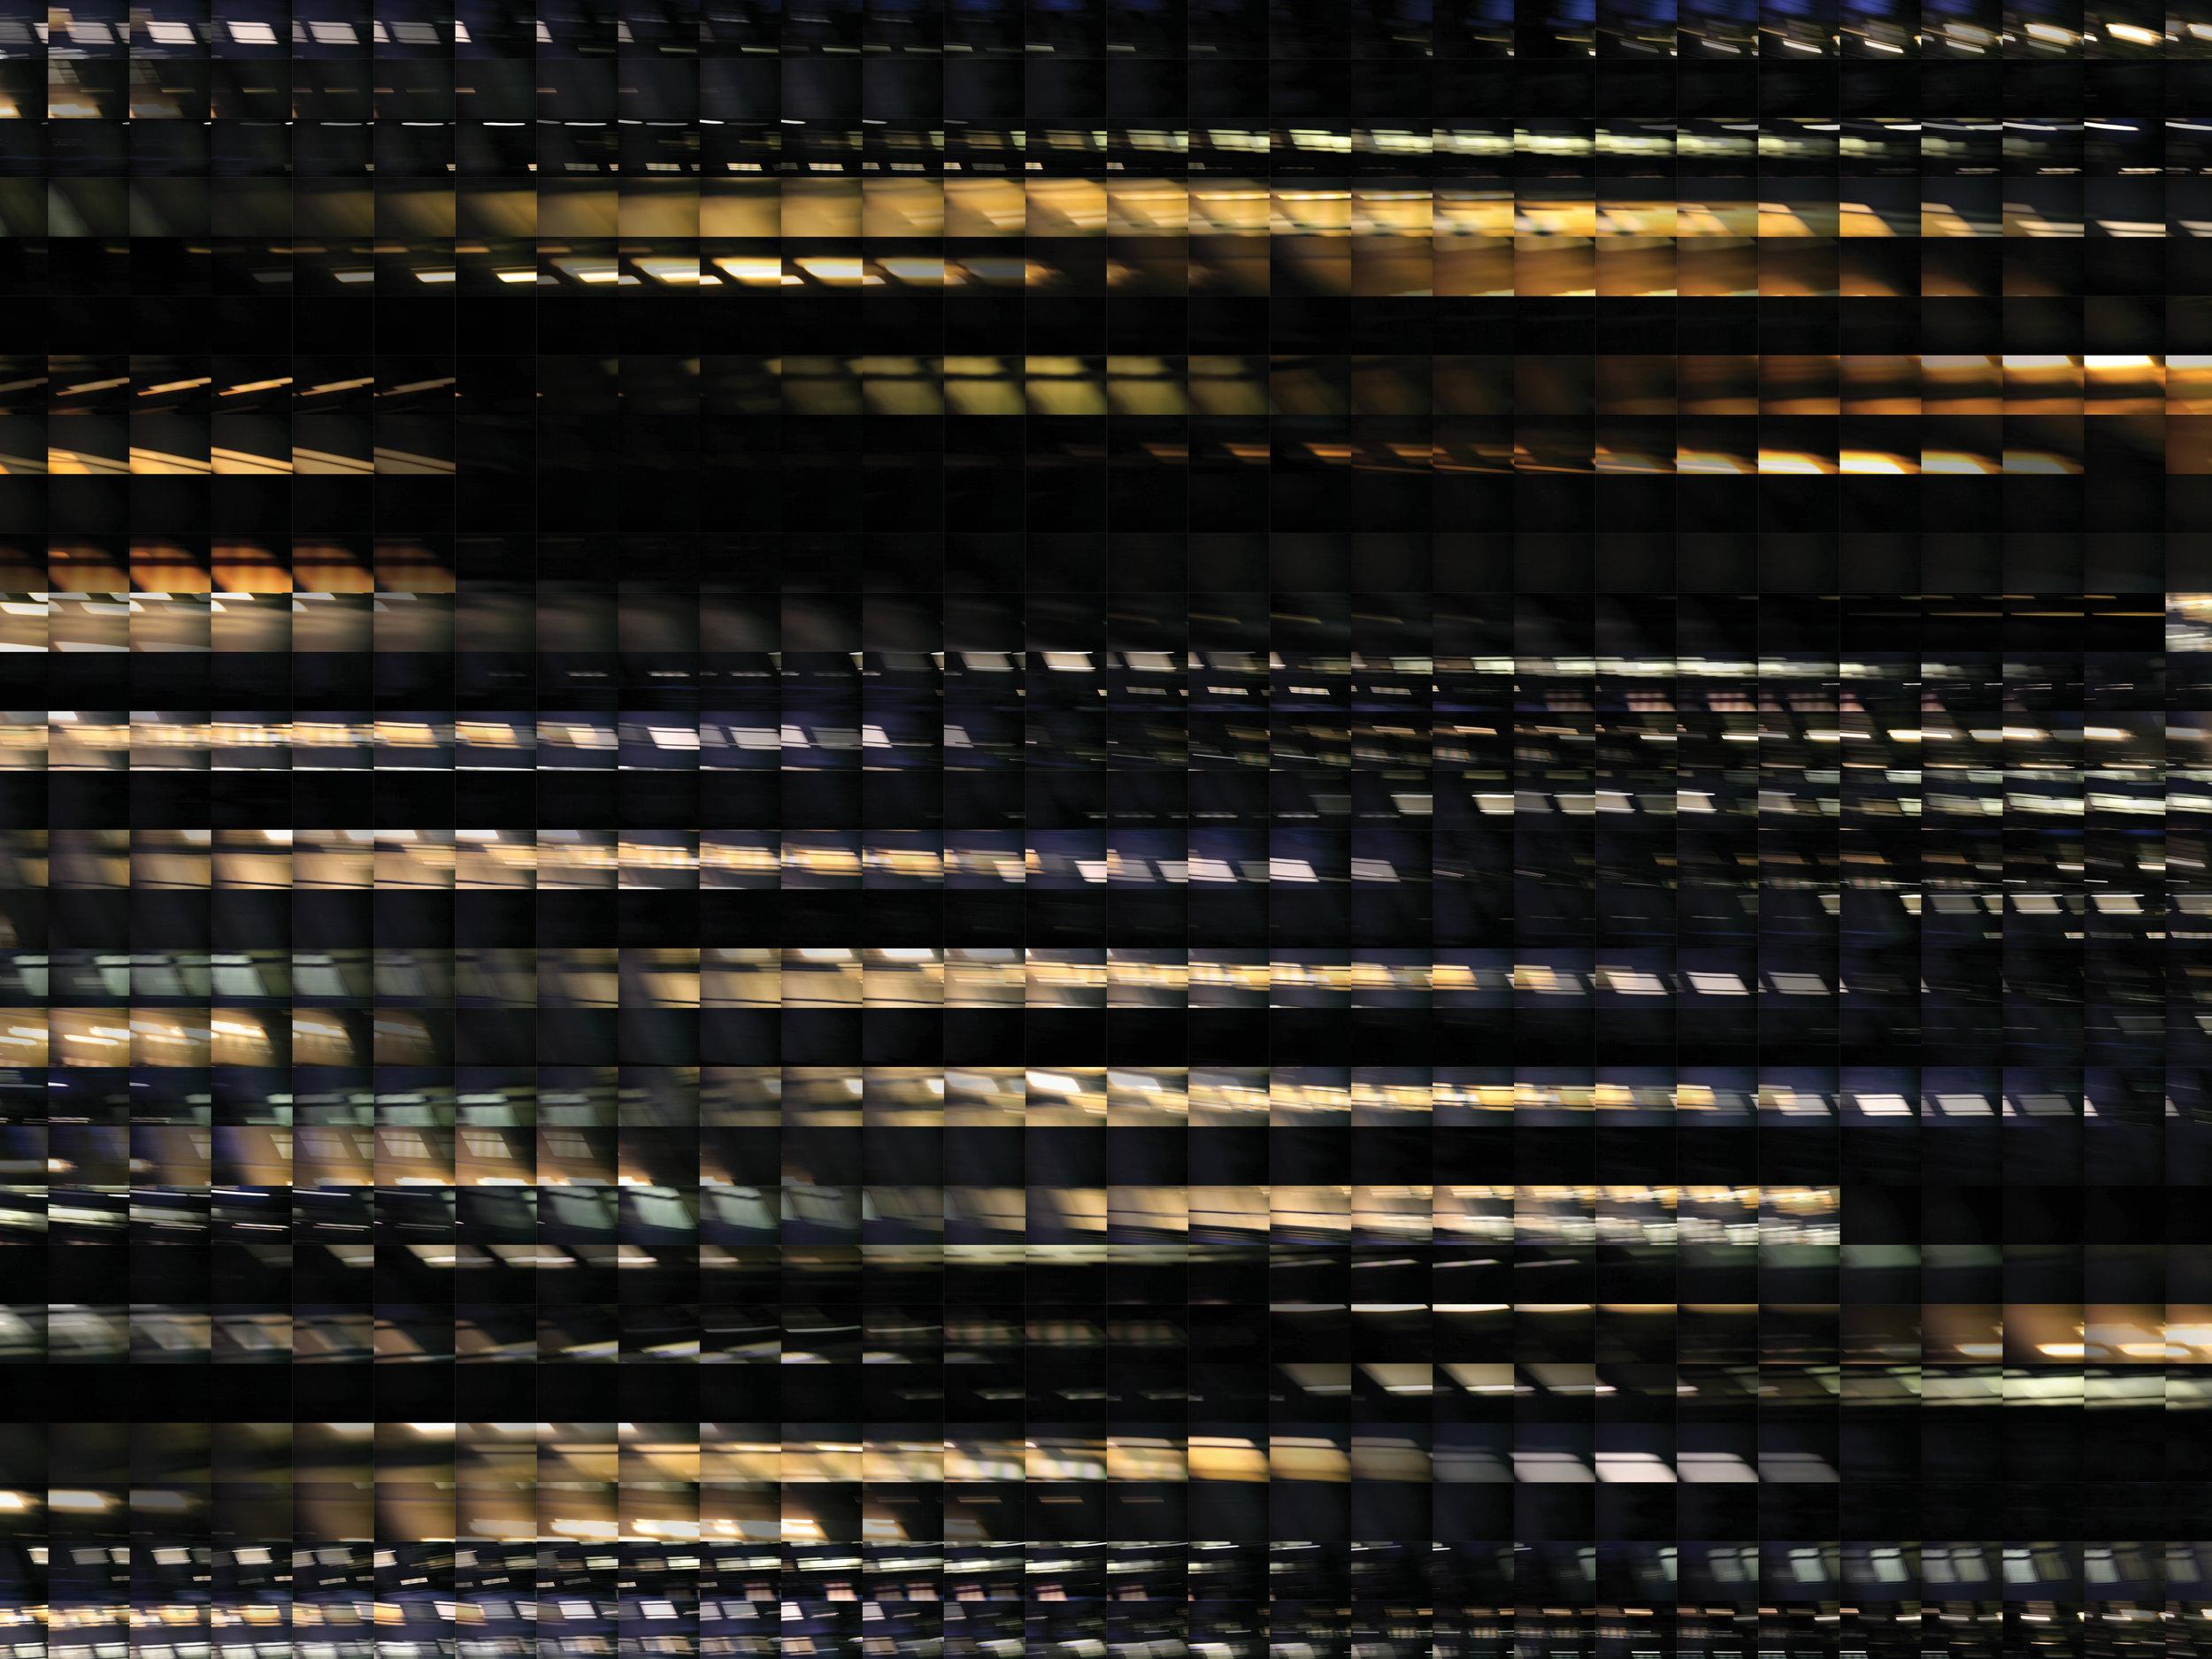 entranceway_collage40x30.jpg